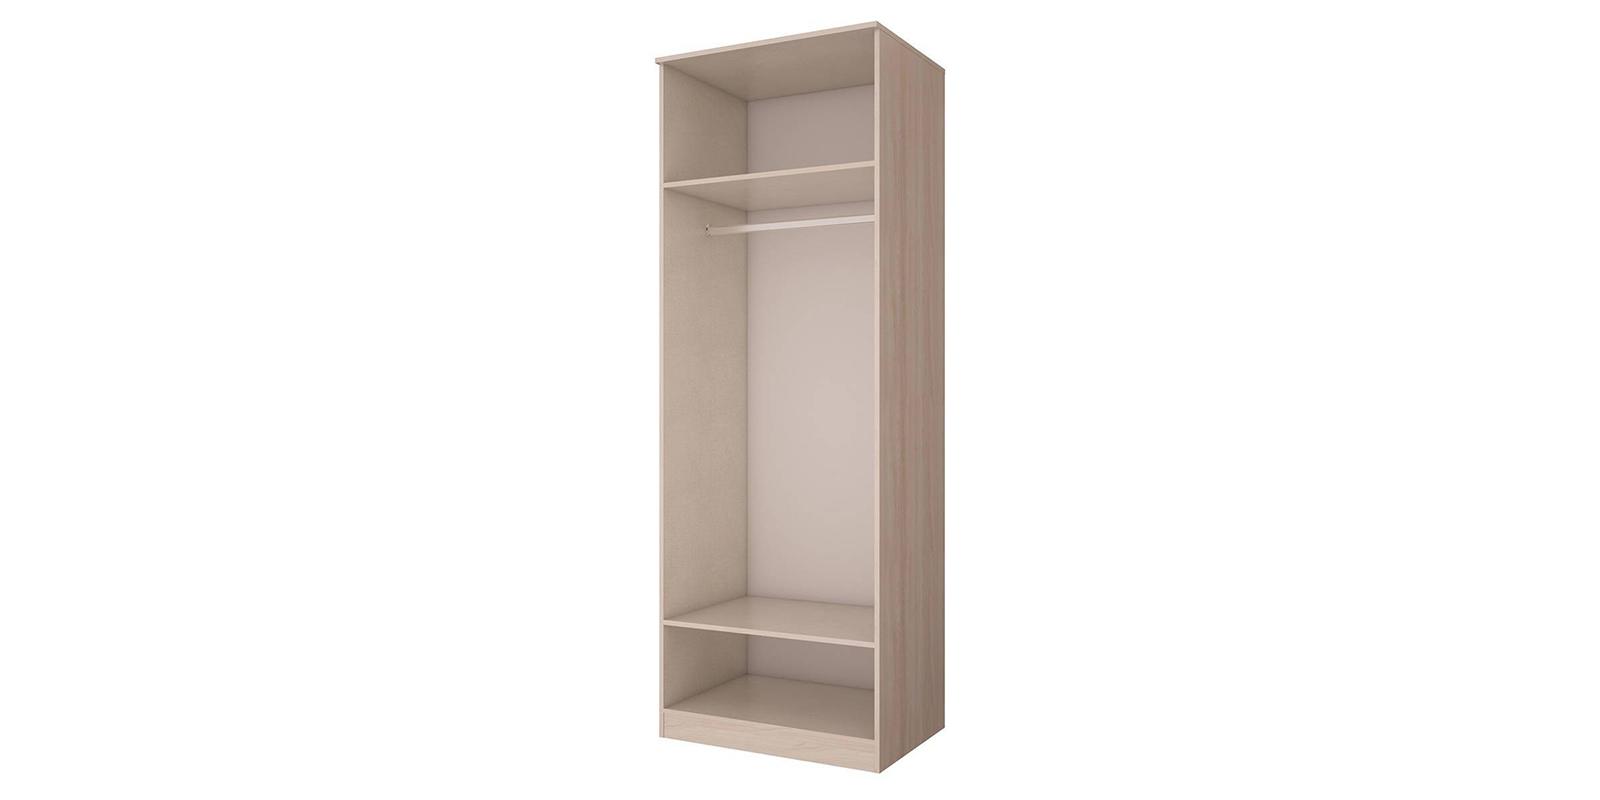 Шкаф распашной двухдверный Триполи вариант №1 (ясень светлый)